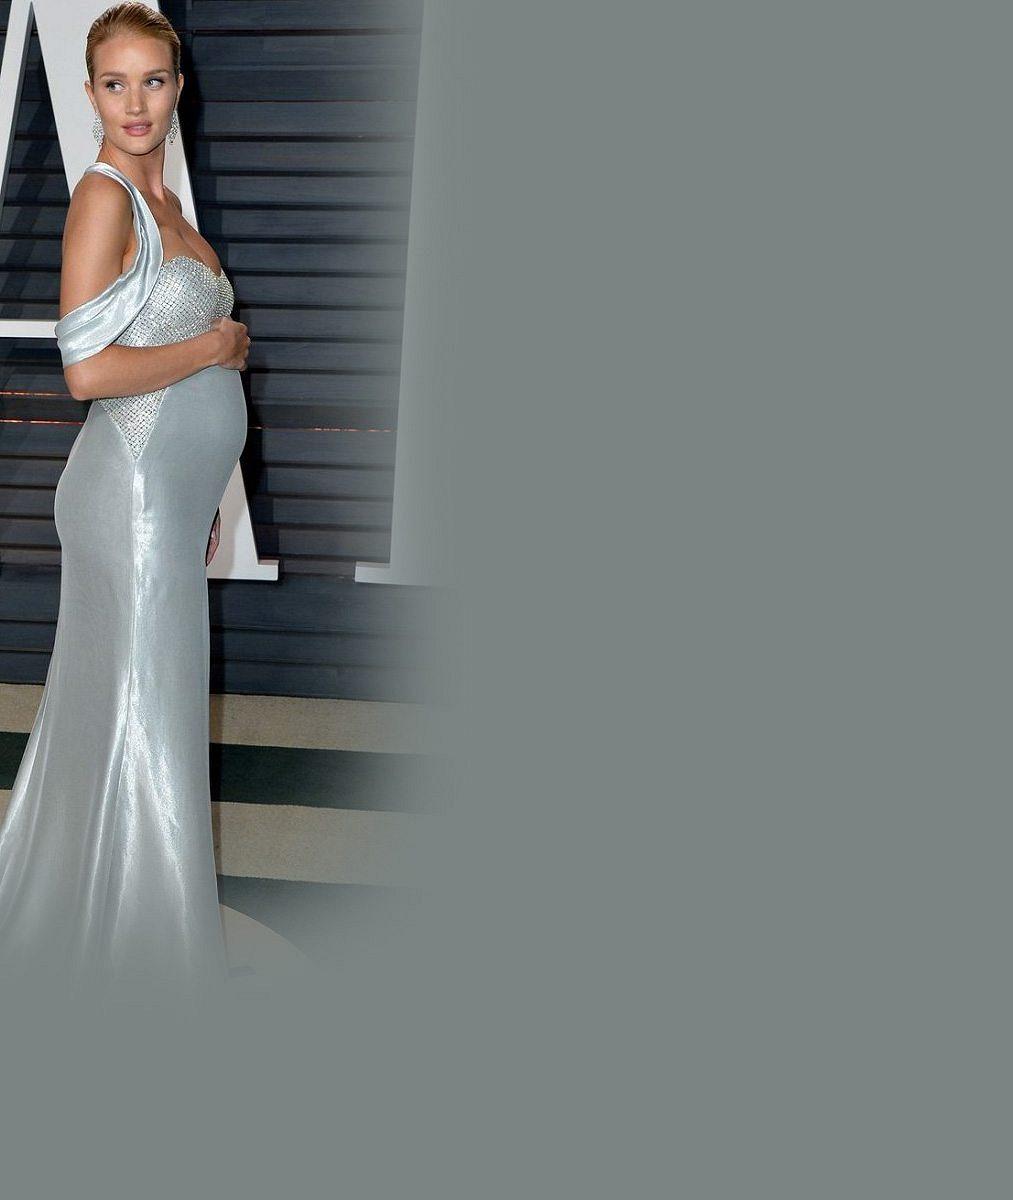 Kráska zTransformers na oscarové párty ukázala těhotenské bříško, akční hrdina bude brzy tatínkem